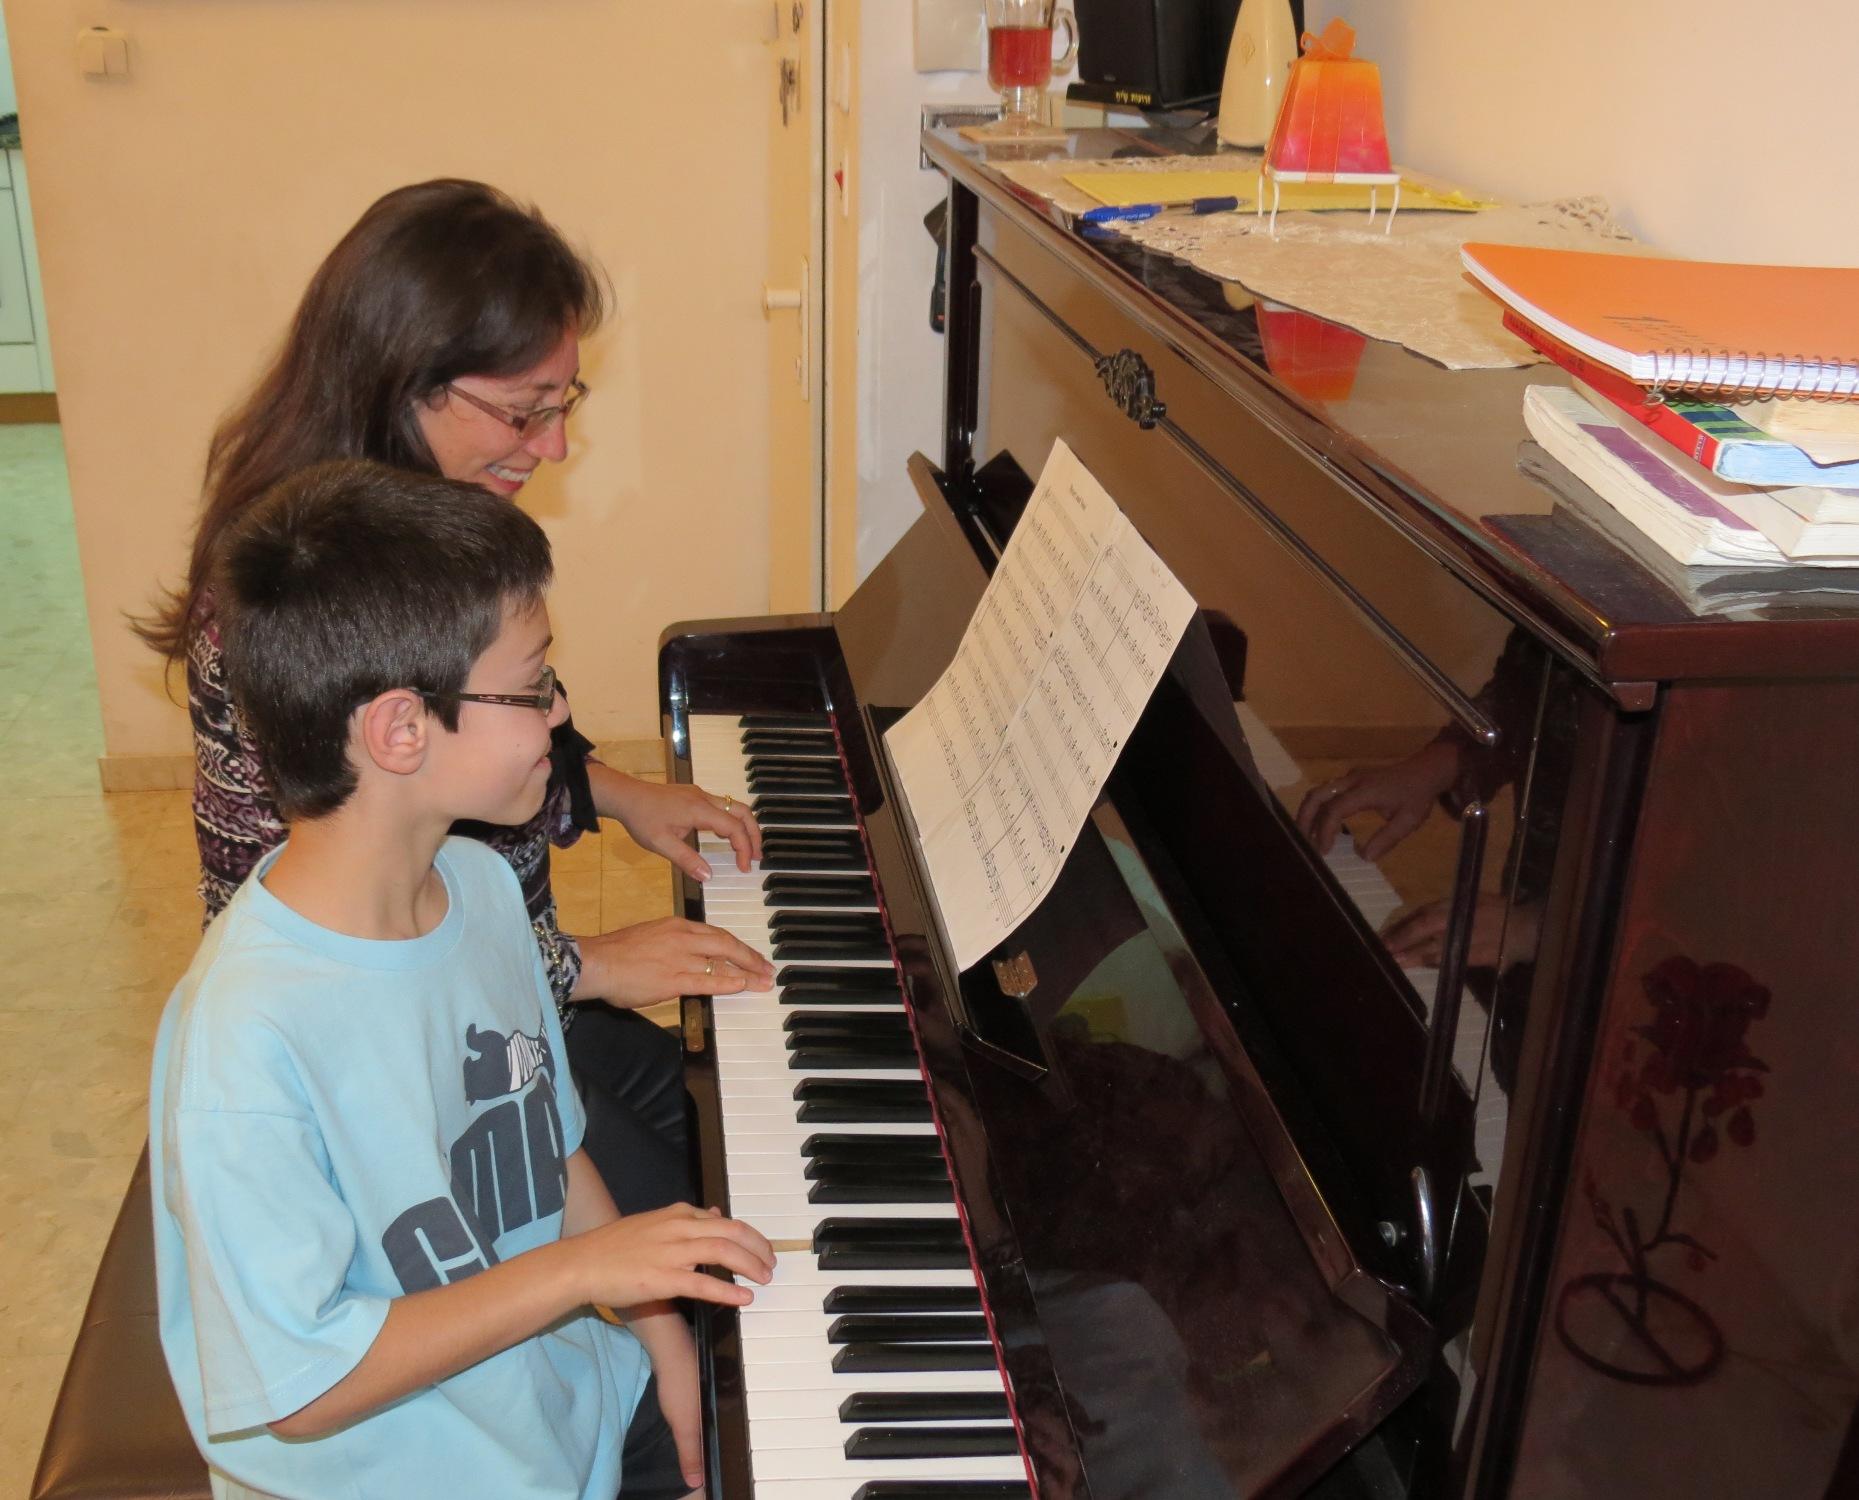 אמא ובן מנגנים ב4 ידיים